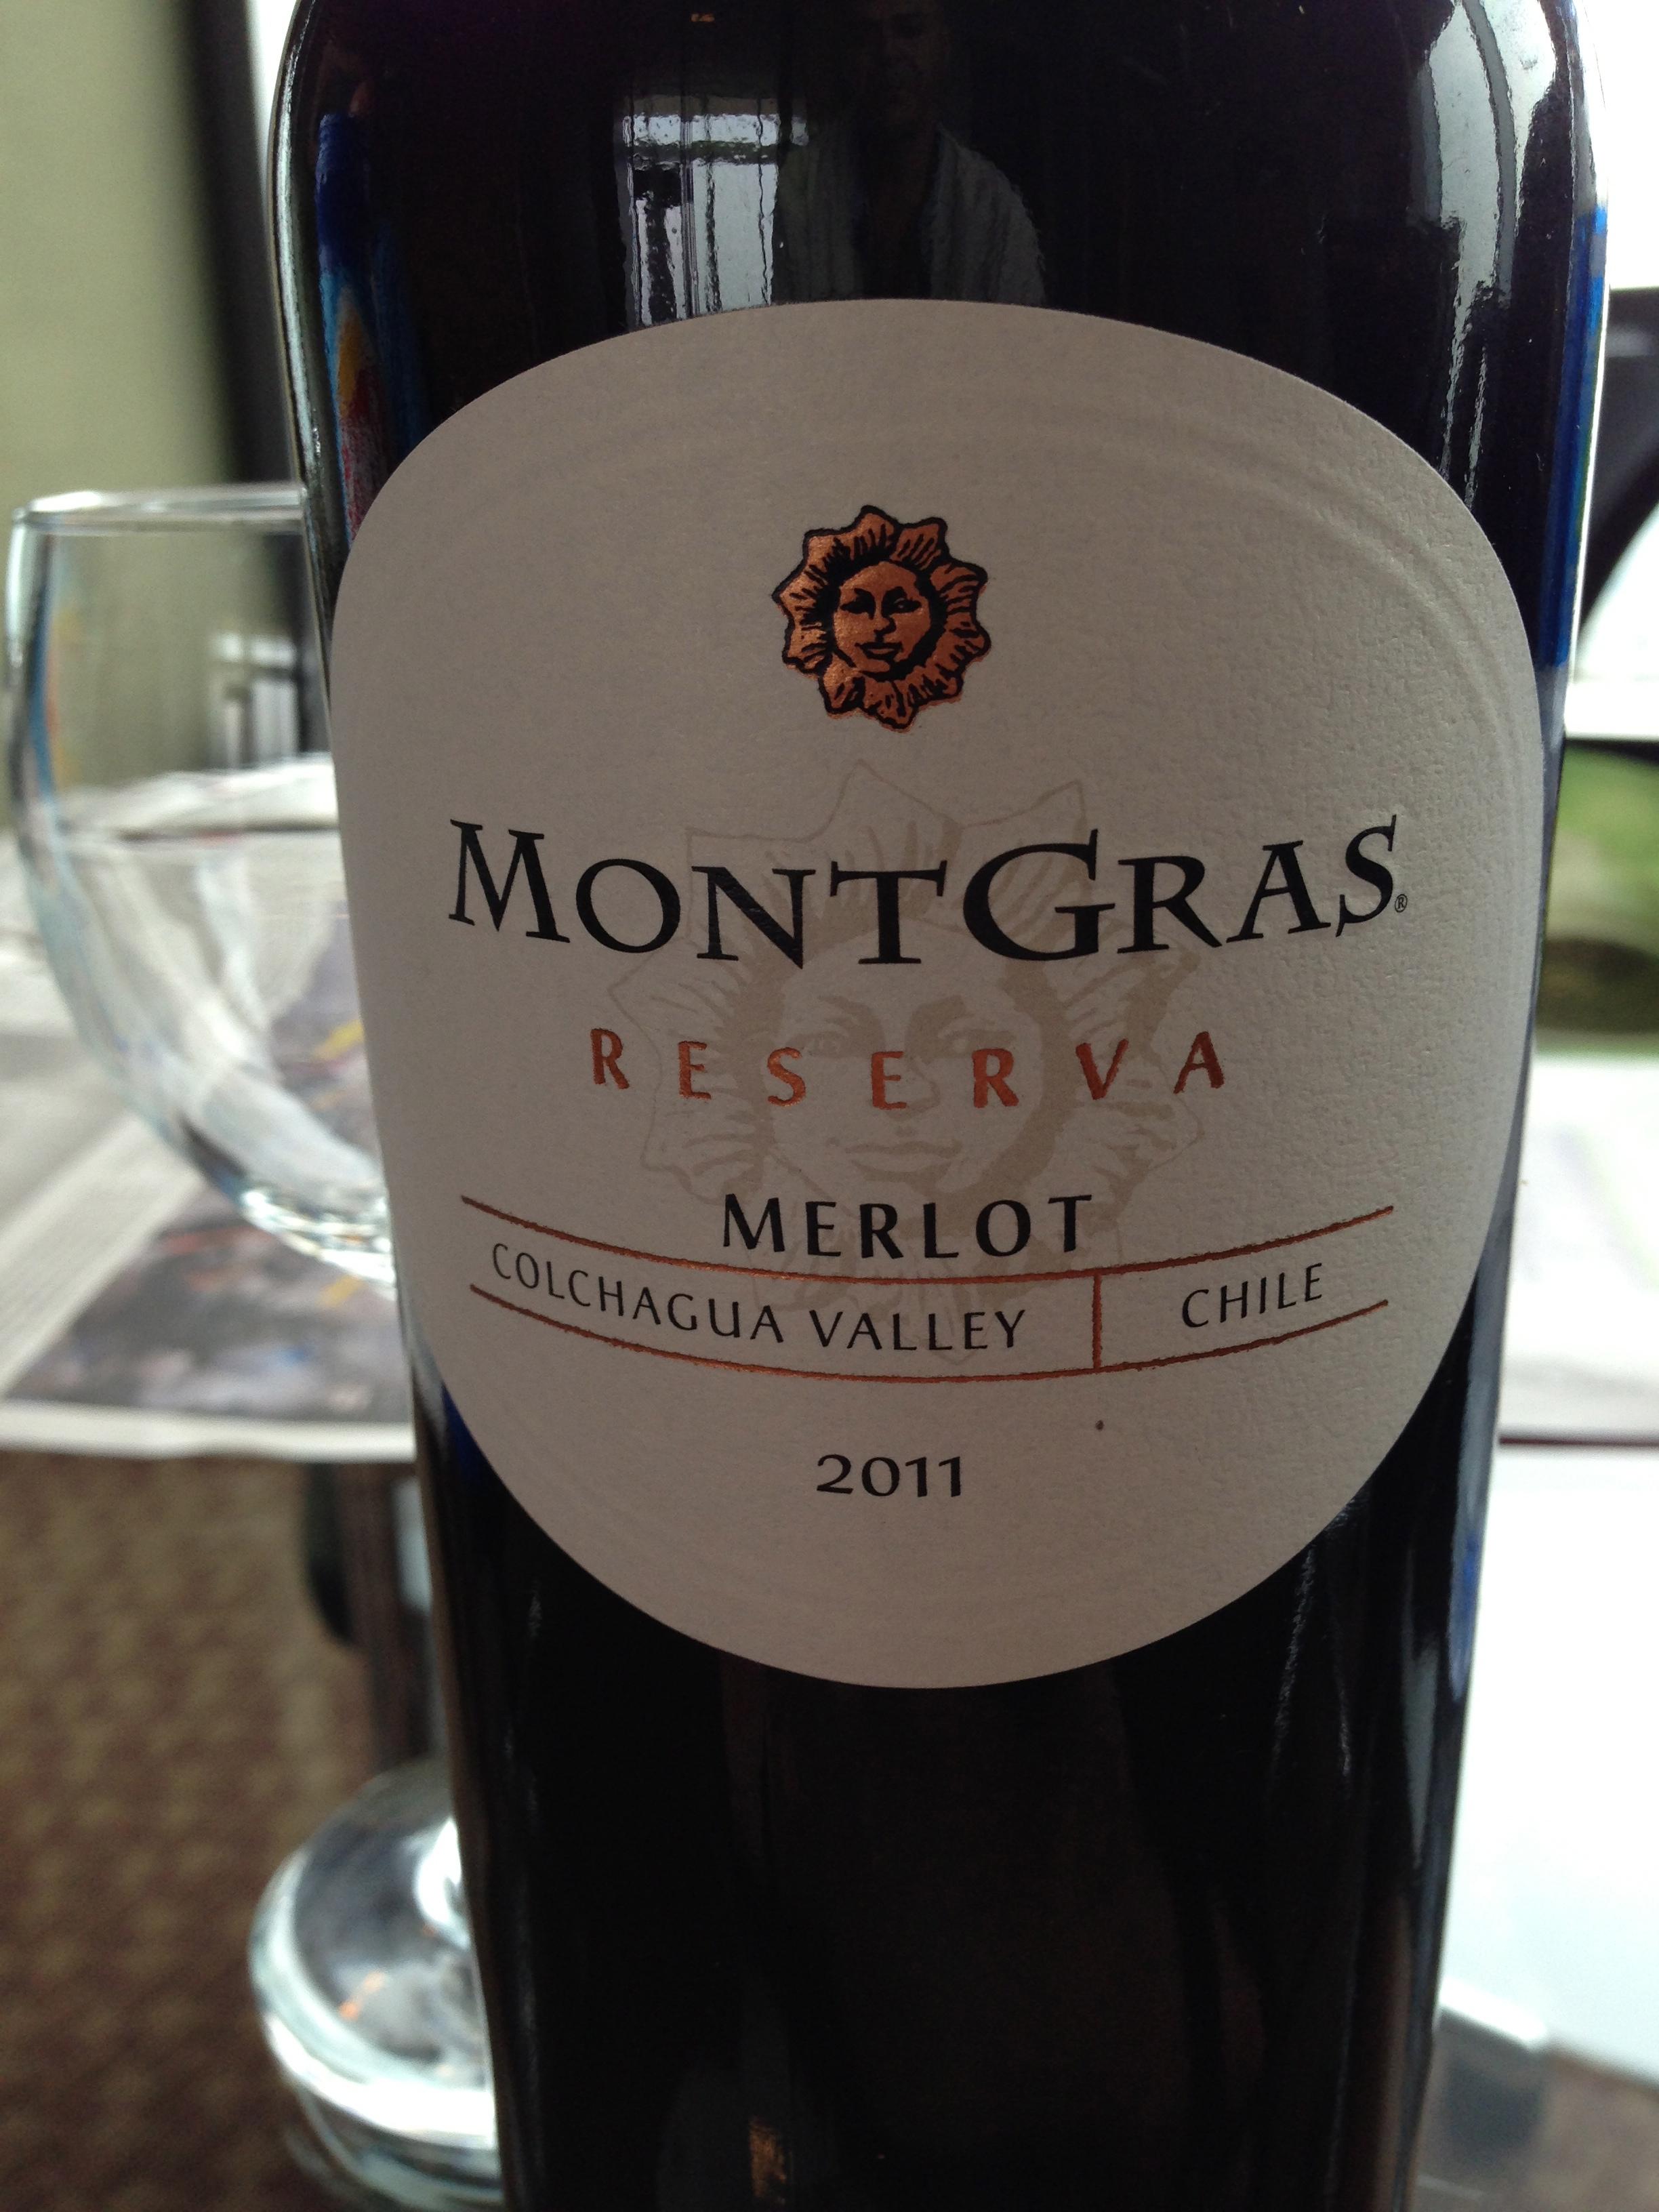 Kết quả hình ảnh cho montgras reserva merlot